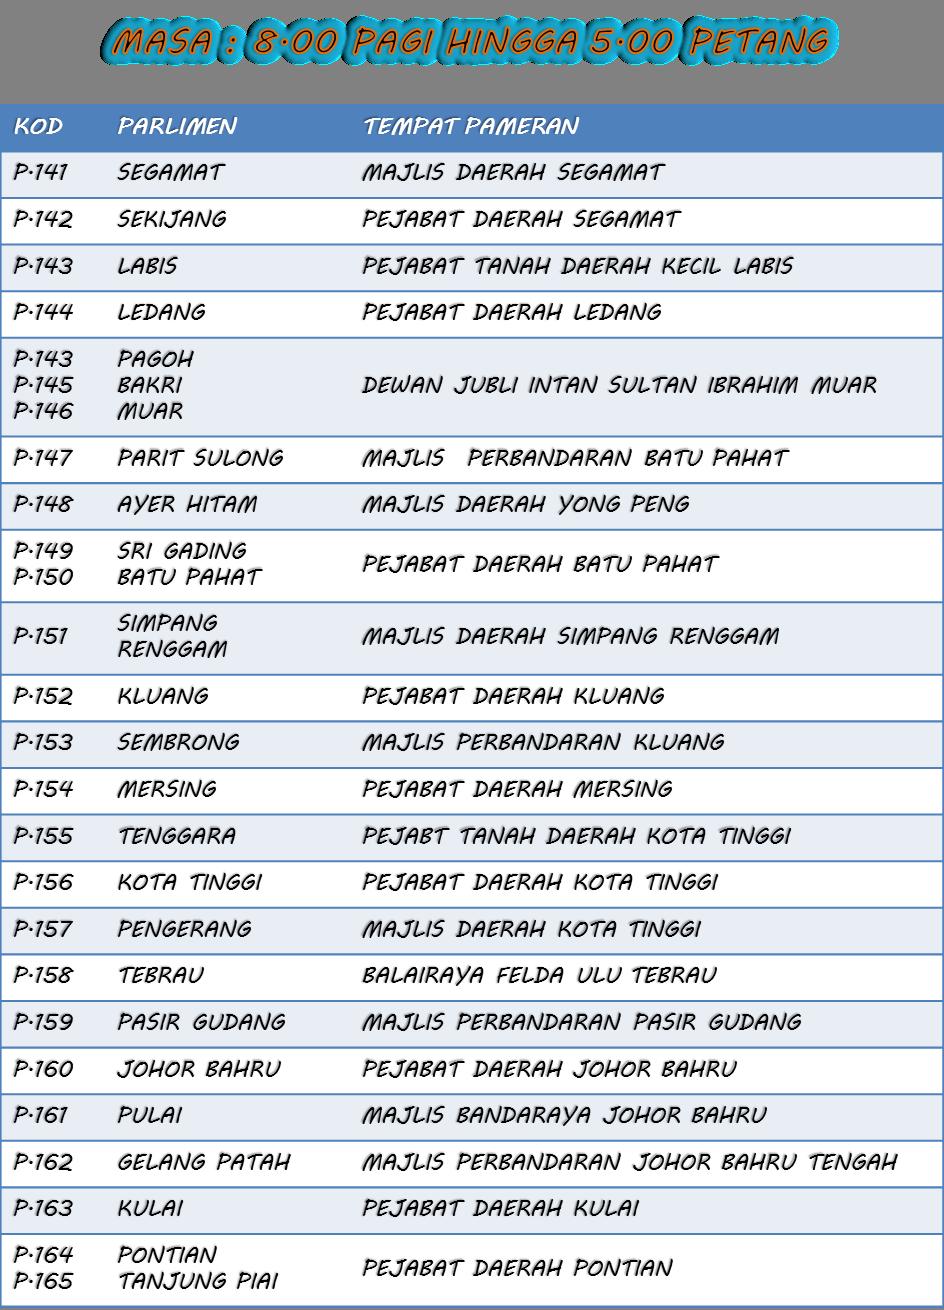 Urusan Pameran Kajian Semula Persempadanan Bahagian Bahagian Pilihan Raya Bagi Negeri Negeri Tanah Melayu Dan Sabah Negeri Johor Laman Rasmi Pejabat Pilihan Raya Negeri Johor